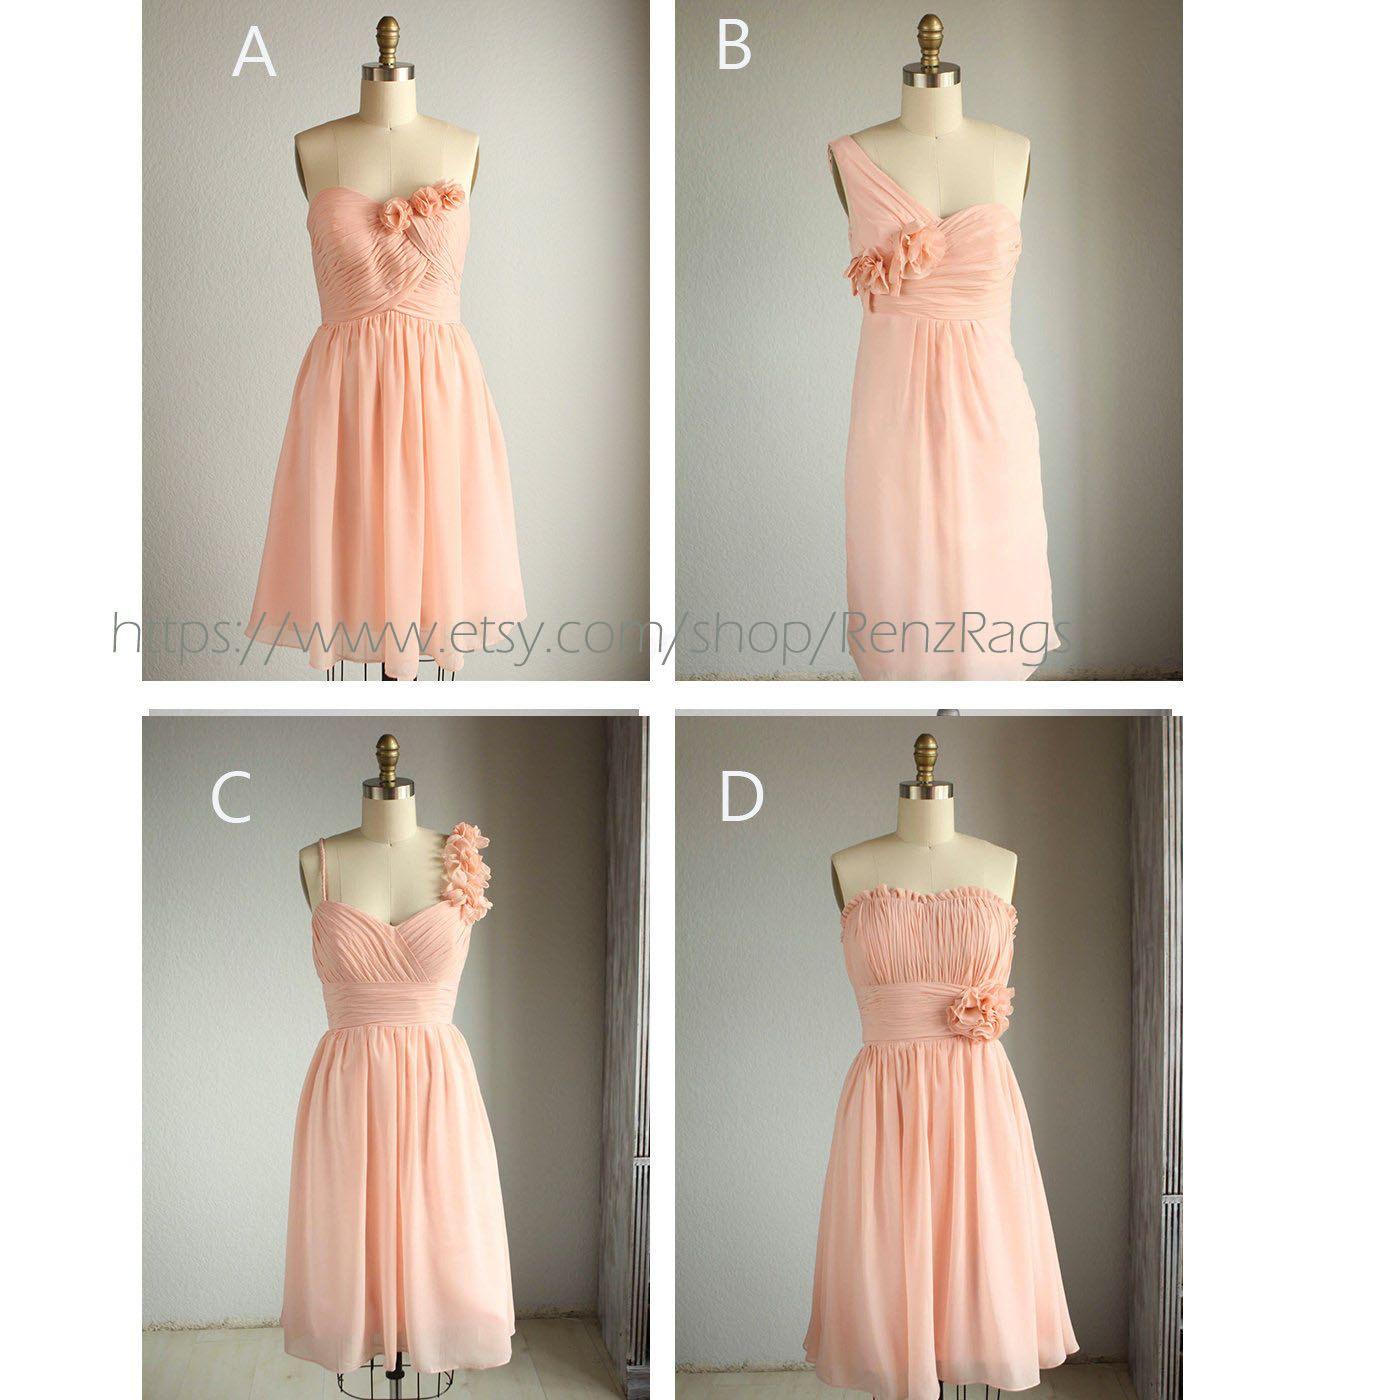 Mix+Match+Bridesmaid+Dresses++Romantic++Peach+Color+By+Renzrags,+$9800